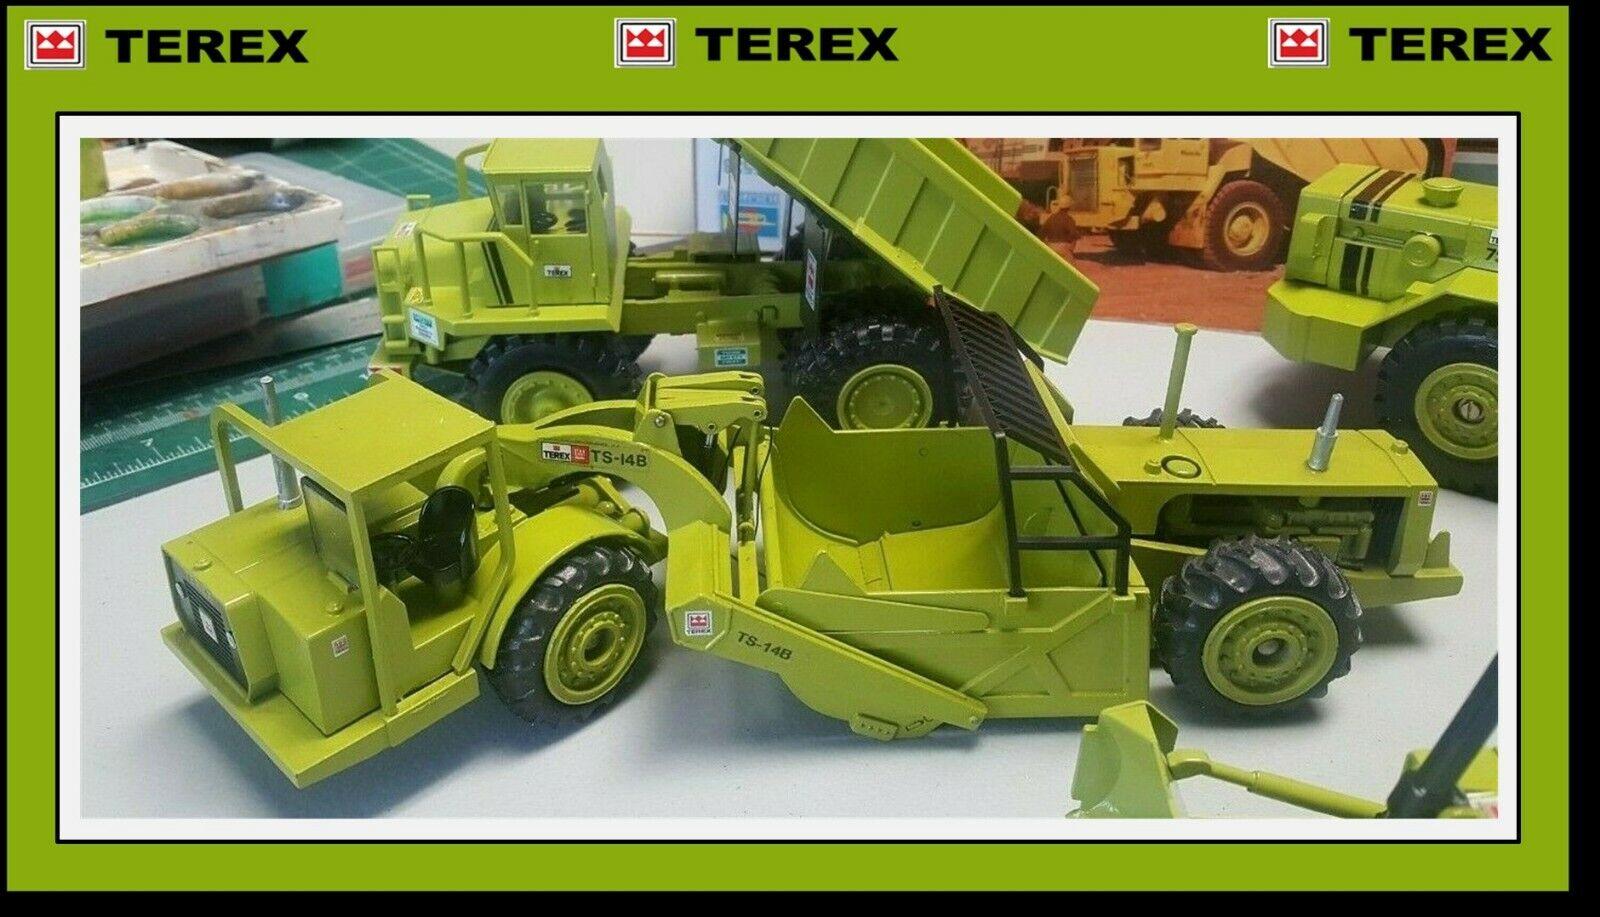 1 40 Conrad Conrad Conrad TEREX TS-14B Scraper New Pricing ad3401